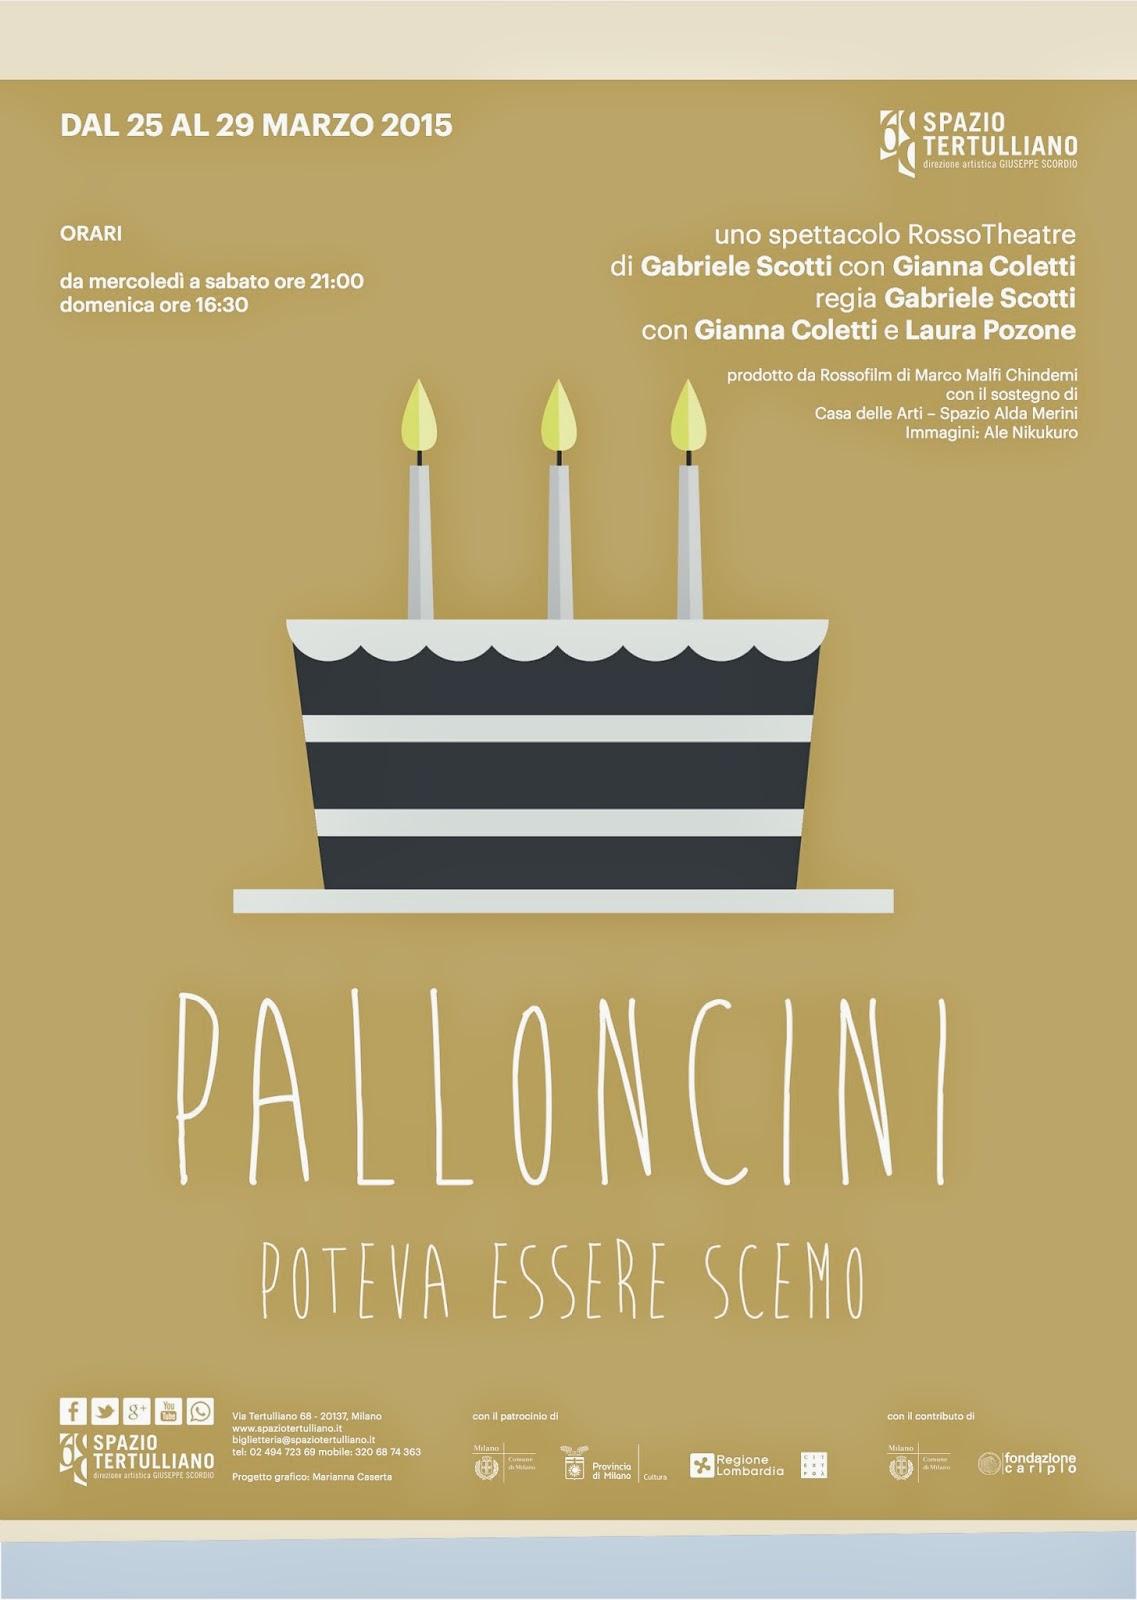 Dal 25 al 29 marzo: Palloncini - Poteva essere scemo allo Spazio Tertulliano Milano